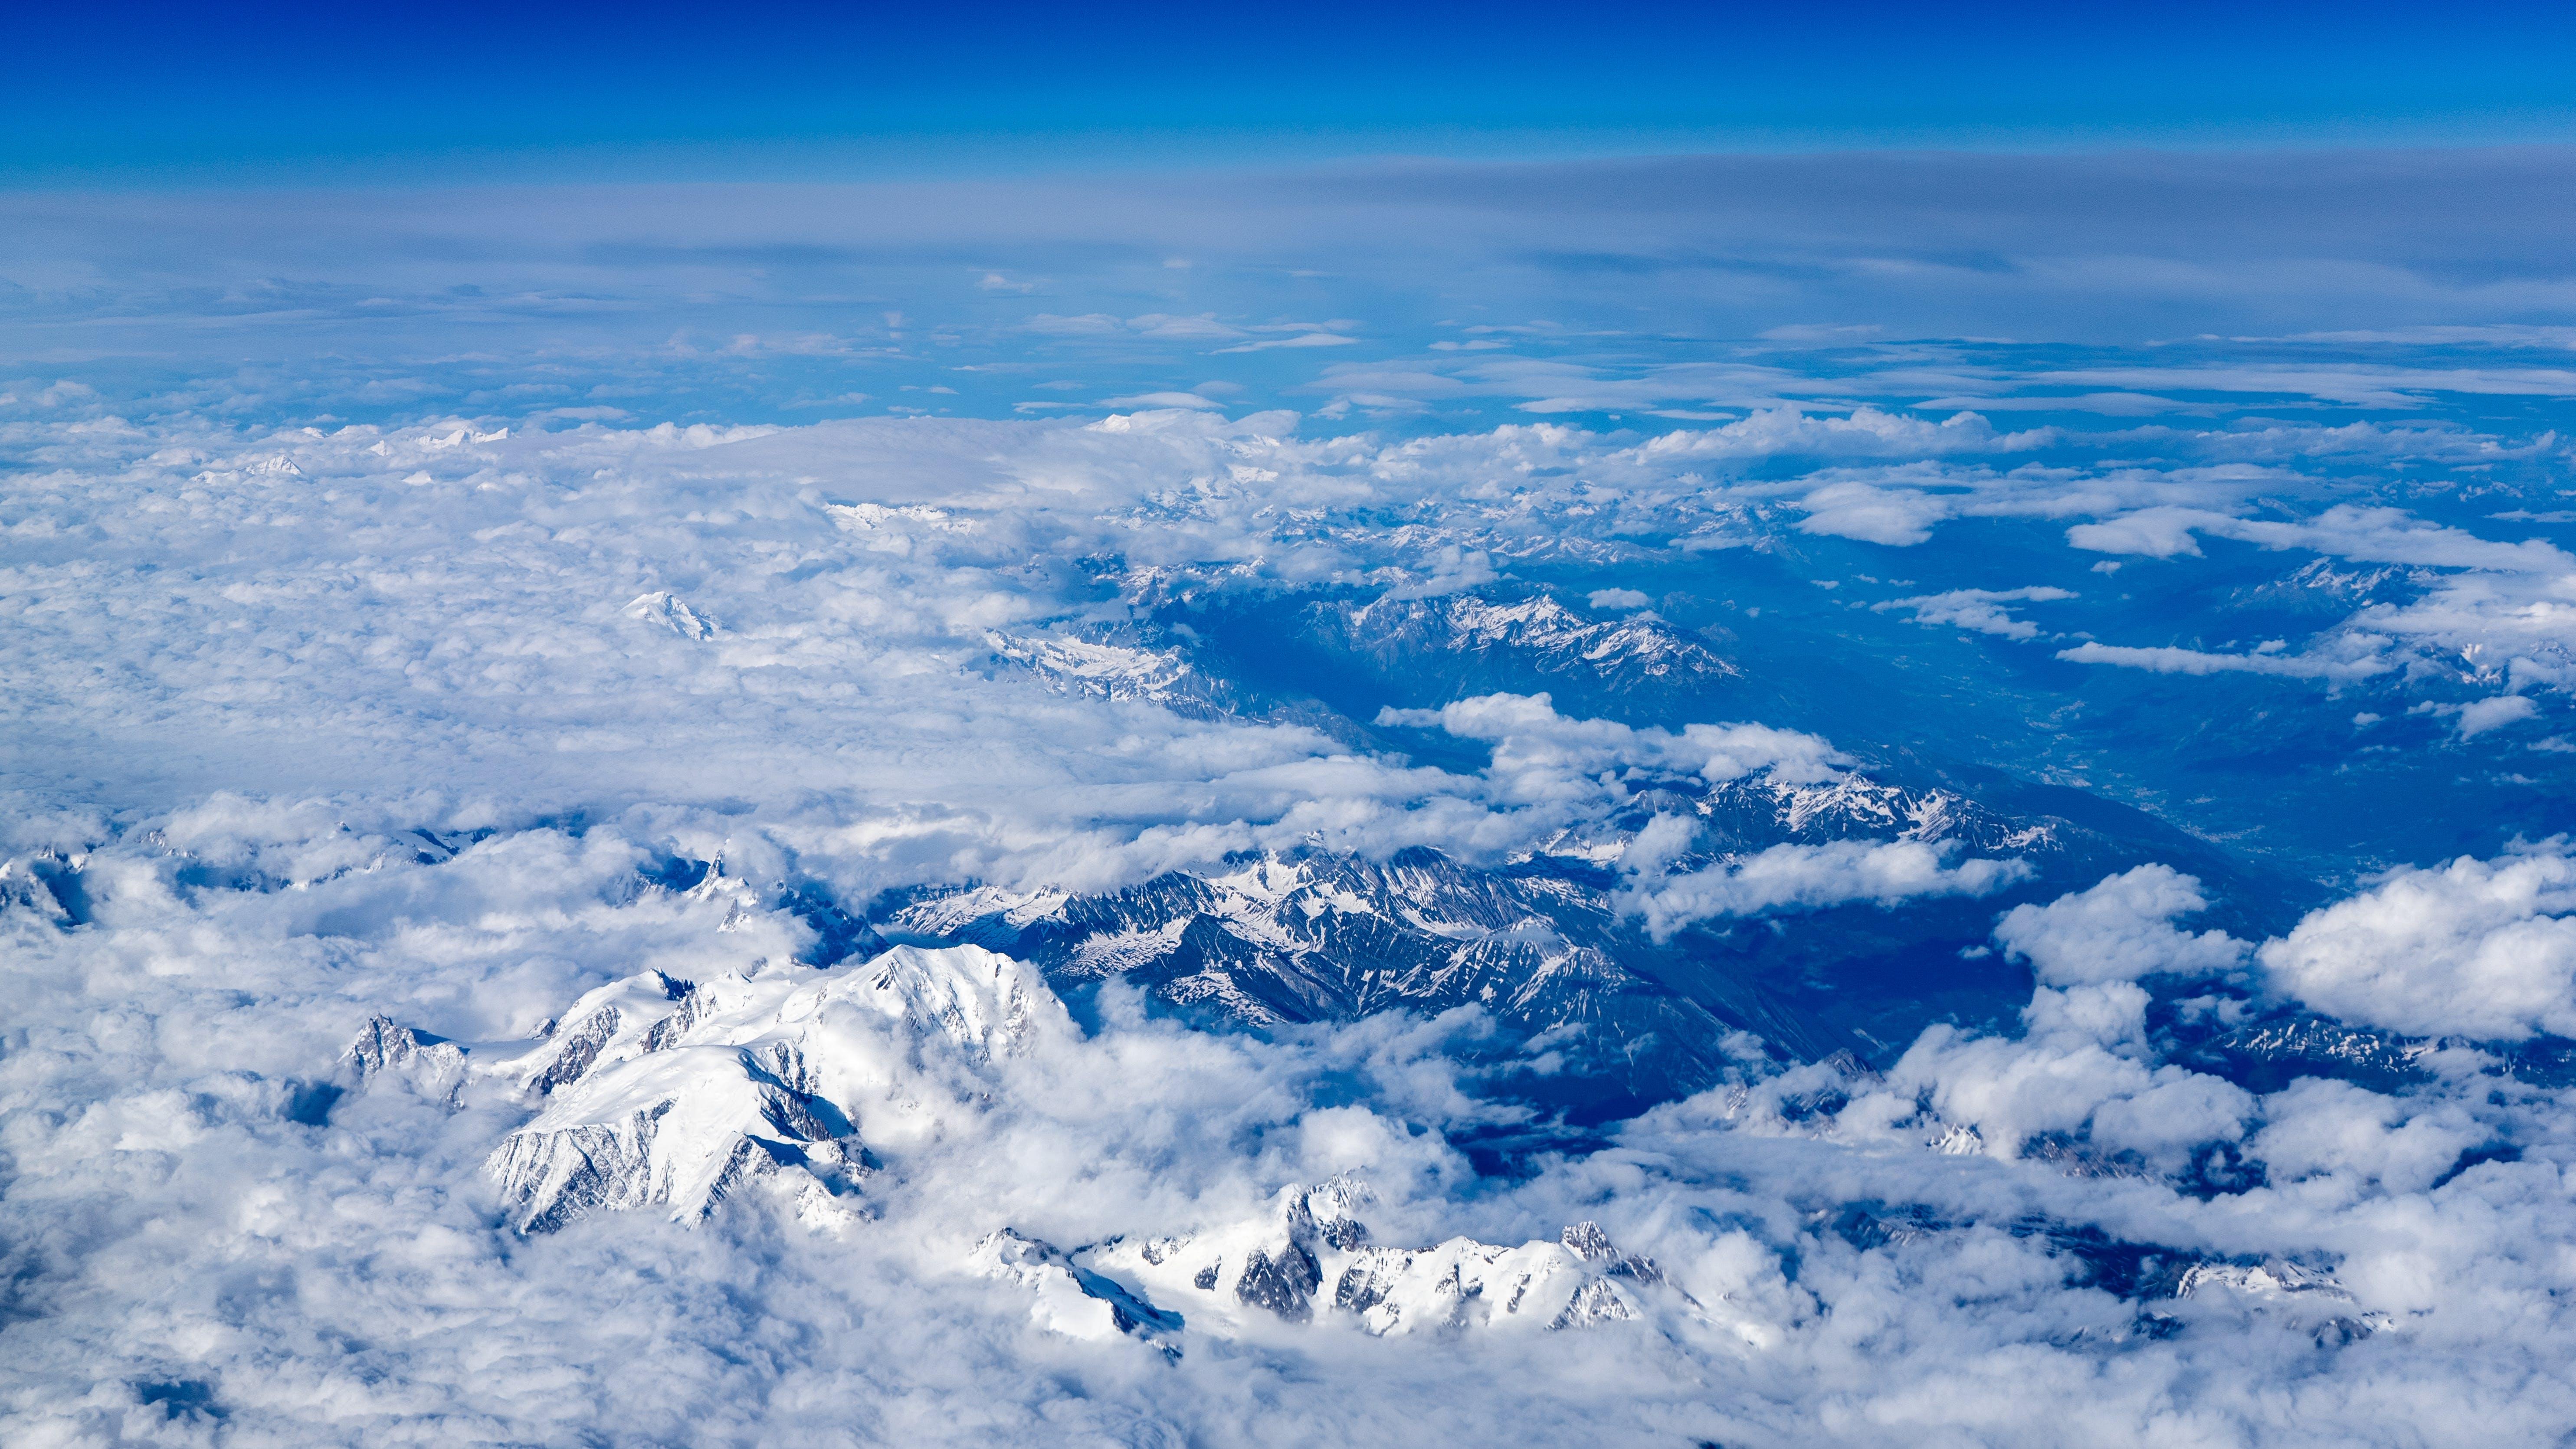 Gratis stockfoto met Alpen, berg, bergtop, bergtoppen